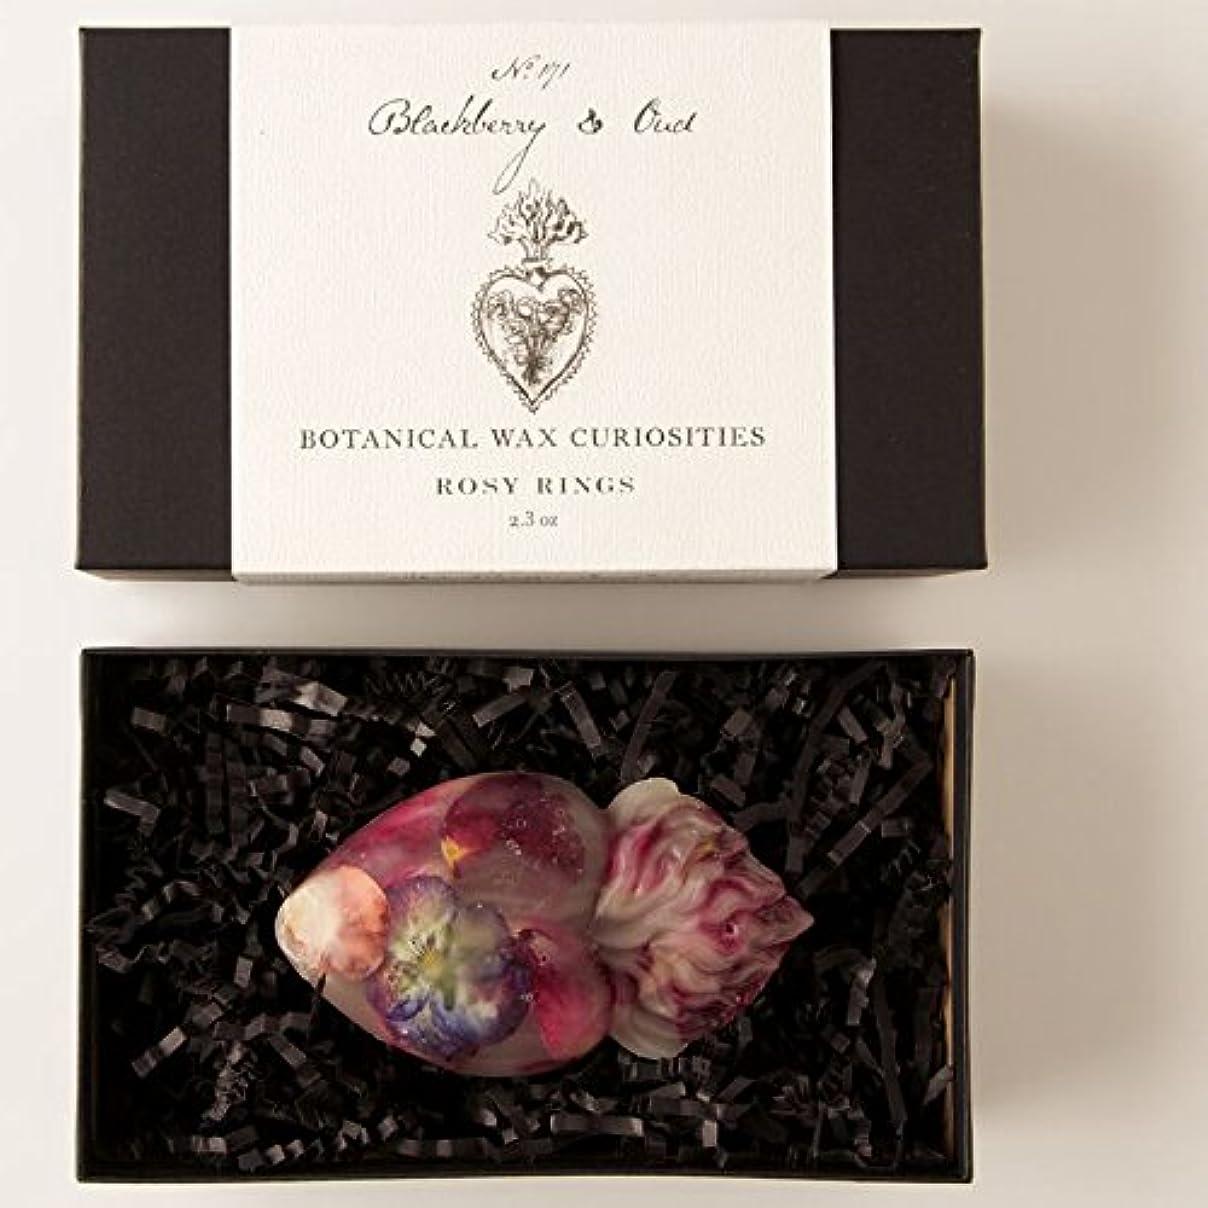 混乱した監査トンロージーリングス ボタニスト ボタニカルワックスキュリオシティ ブラックベリーウード ROSY RINGS Botanist Collection Botanical Wax Blackberry & Oud